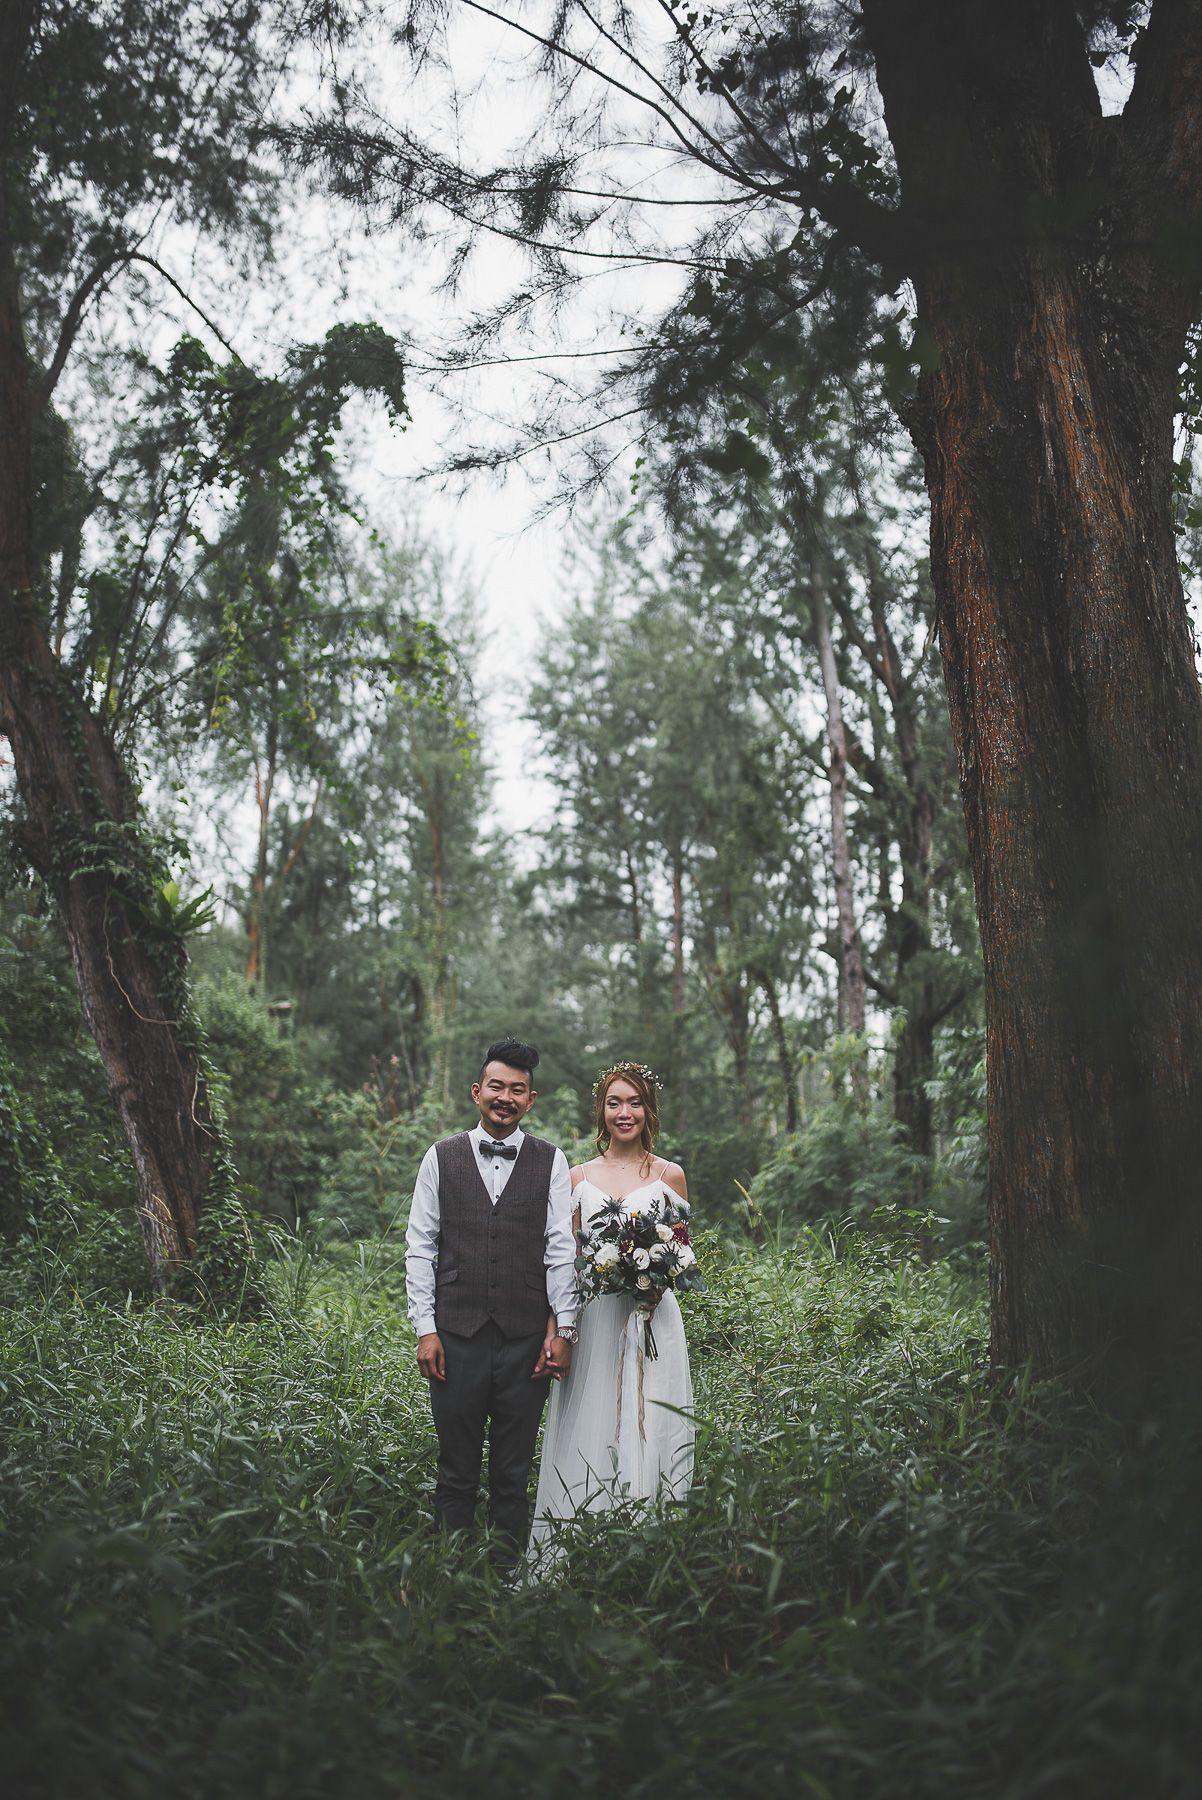 Onethreeonefour Book Destination Wedding Photographers Outdoor Wedding Photographer Wedding Photography Pre Wedding